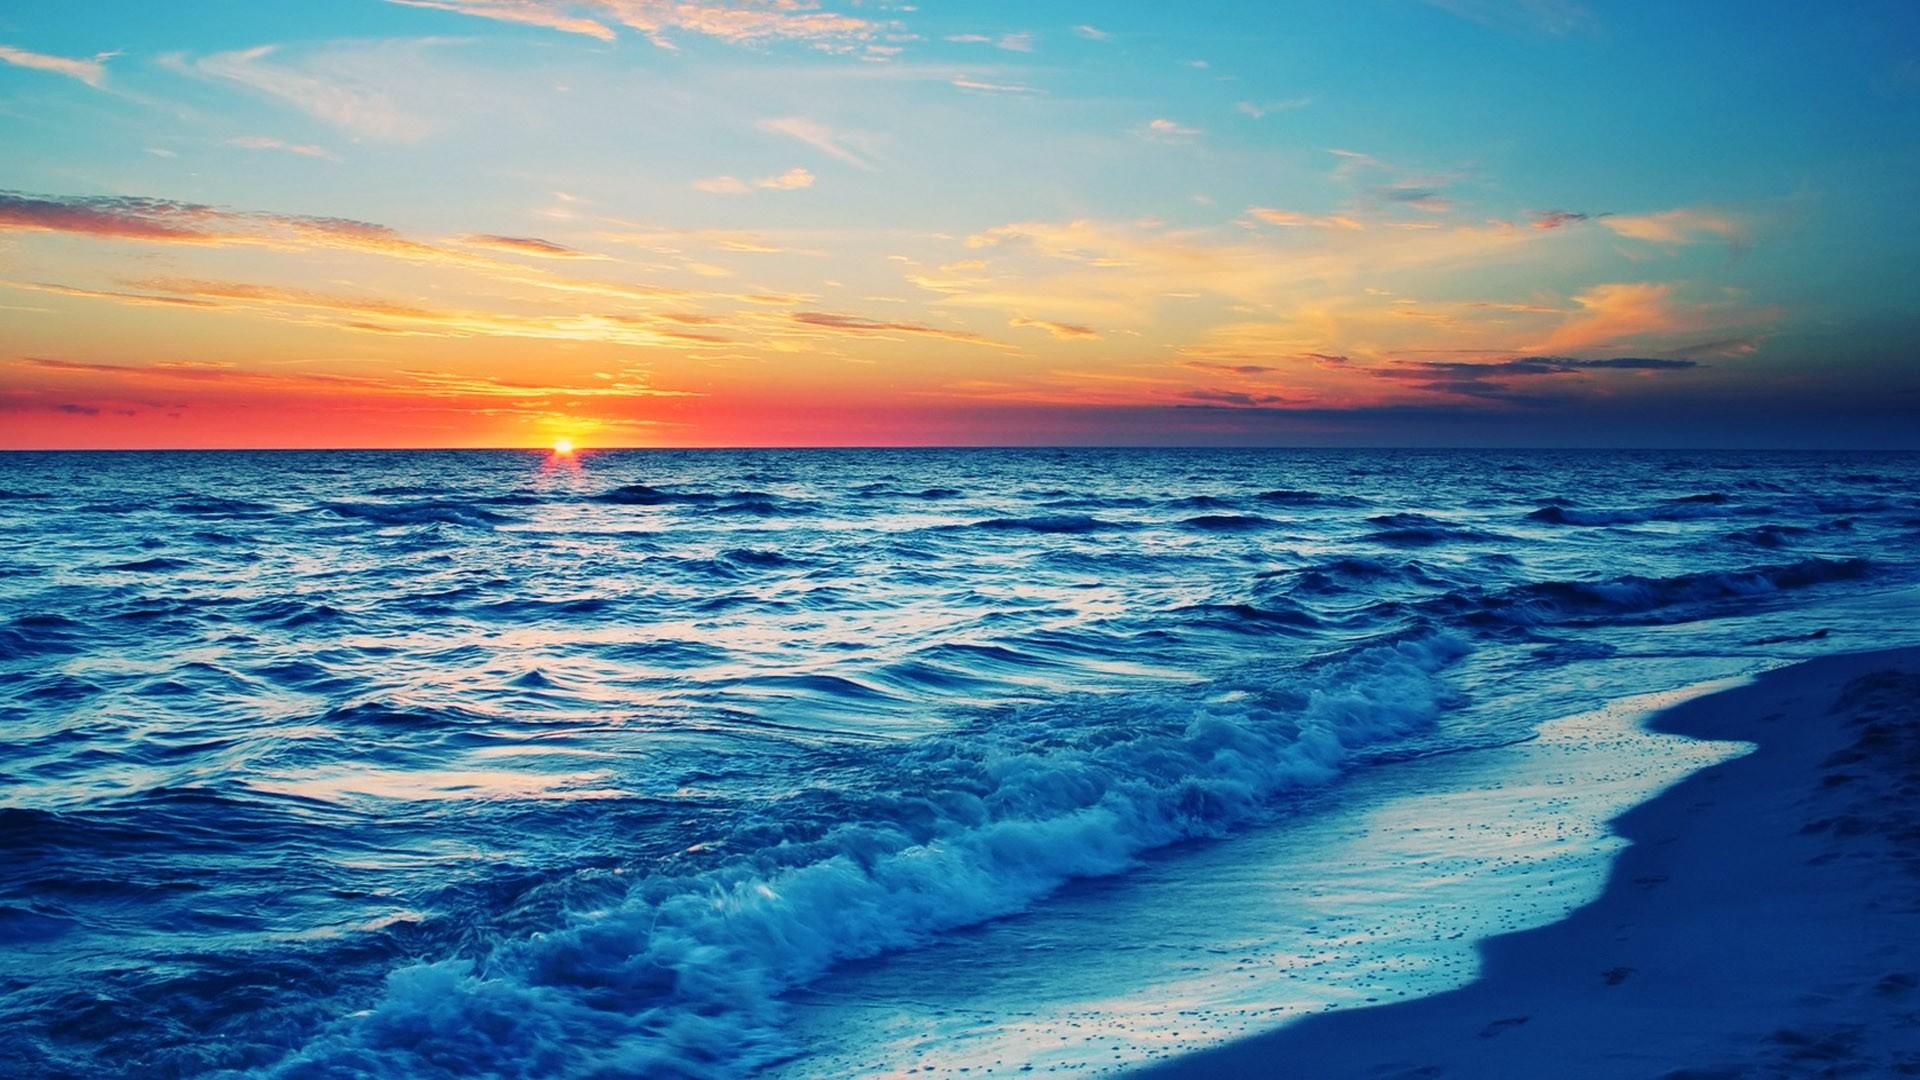 Beach At Night Wallpaper Hd #22995 Wallpaper   High Resolution .